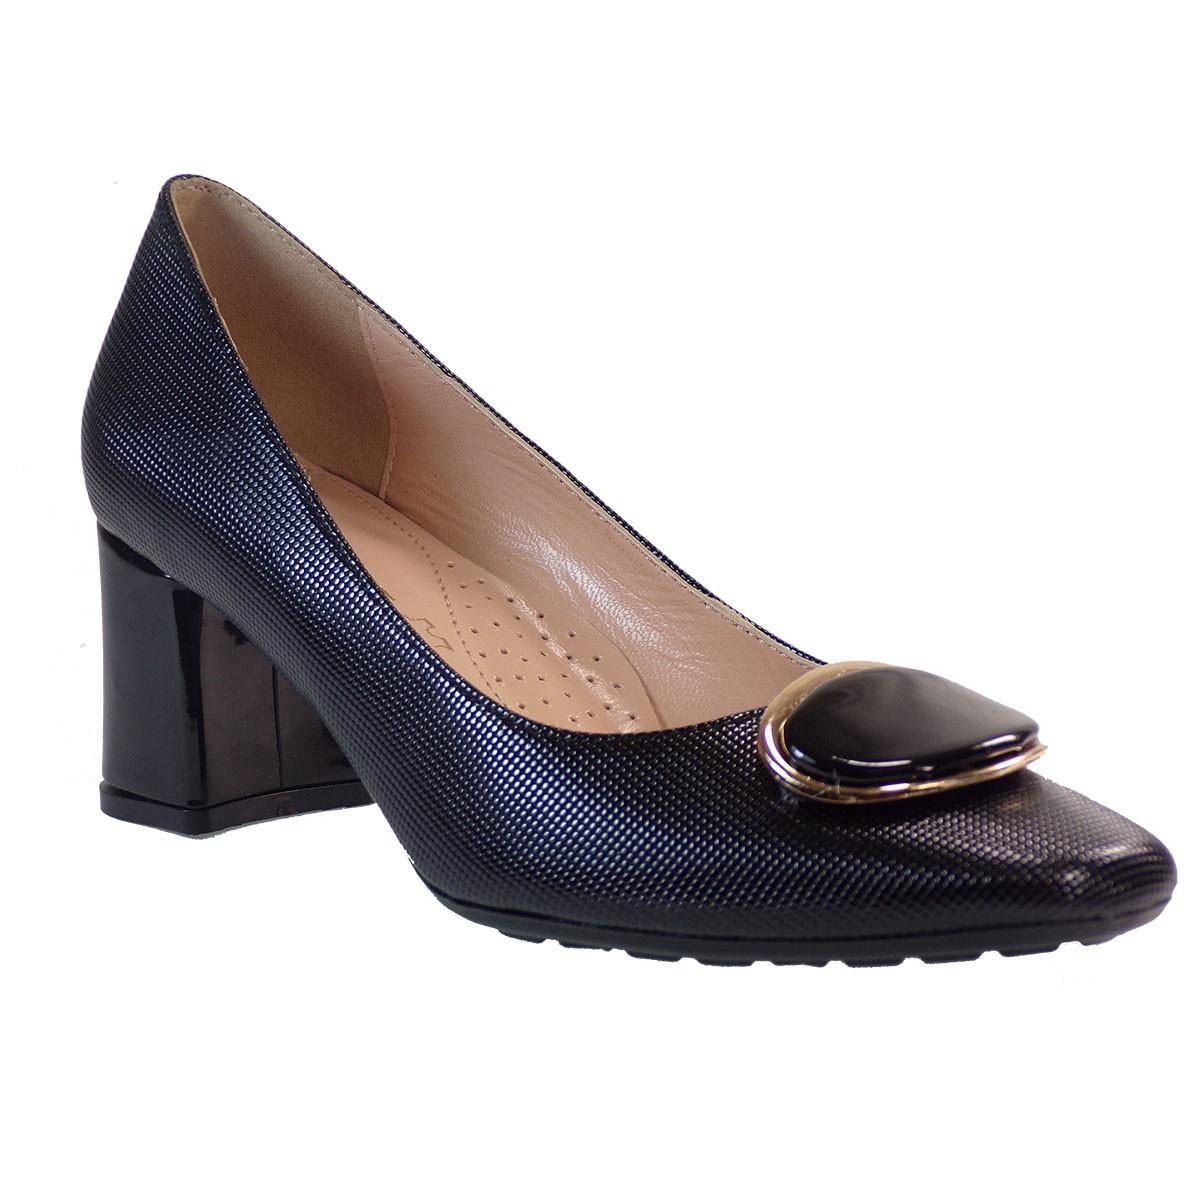 Envie Shoes Γυναικείες Παπούτσια Γόβες E02-09041-34 Μαύρο